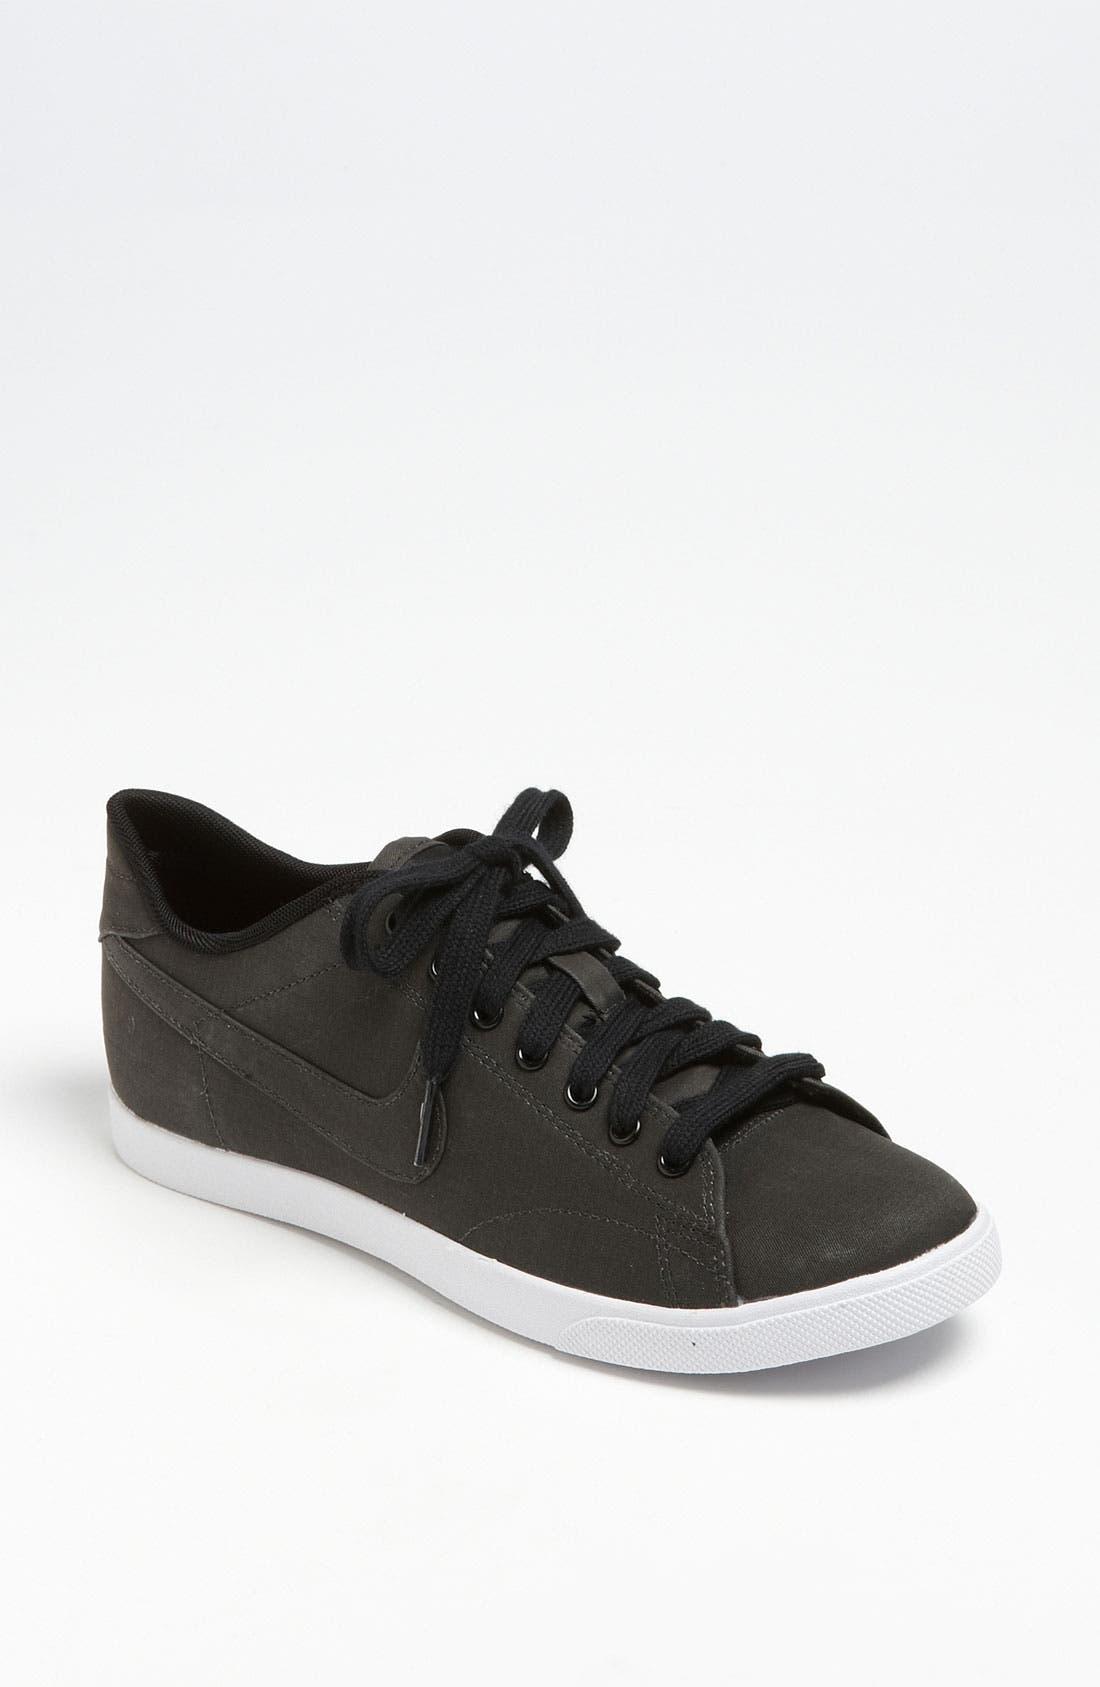 Main Image - Nike 'Raquette Lite' Sneaker